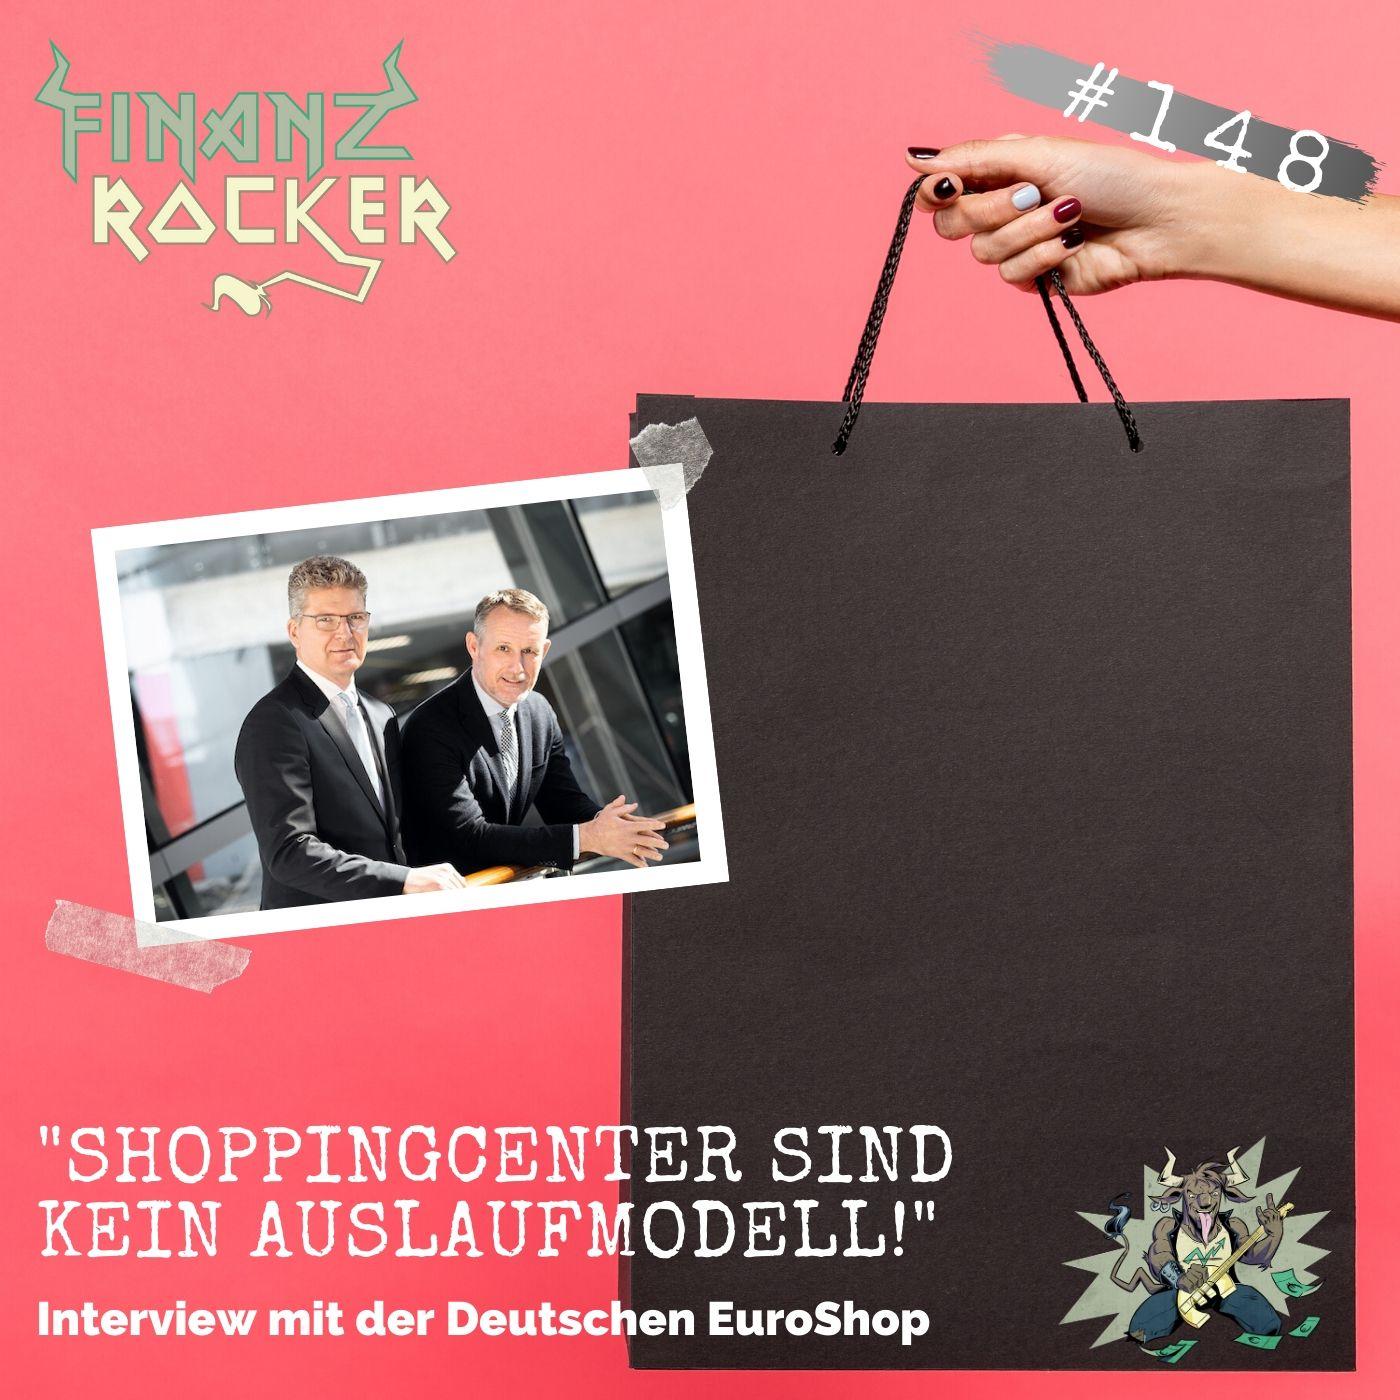 """Folge 148: """"Shoppingcenter sind kein Auslaufmodell!"""" - Interview mit der Deutschen EuroShop"""